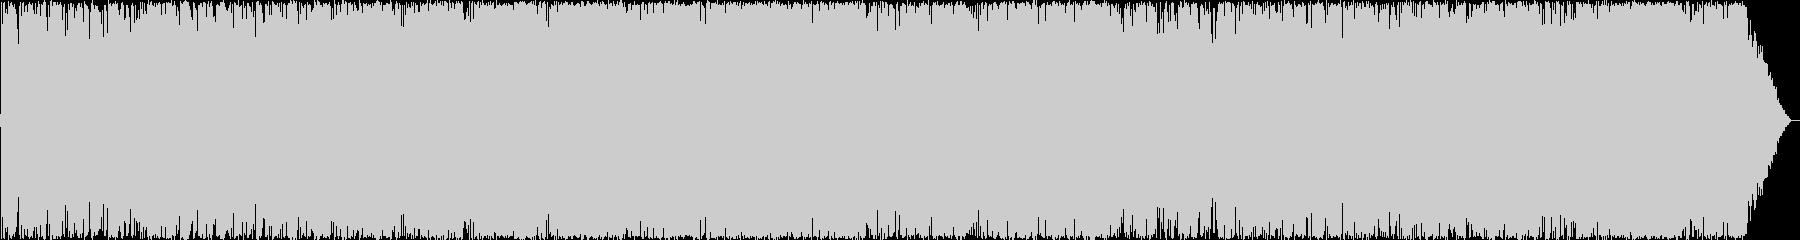 落ち着いた様子のポップロックの未再生の波形